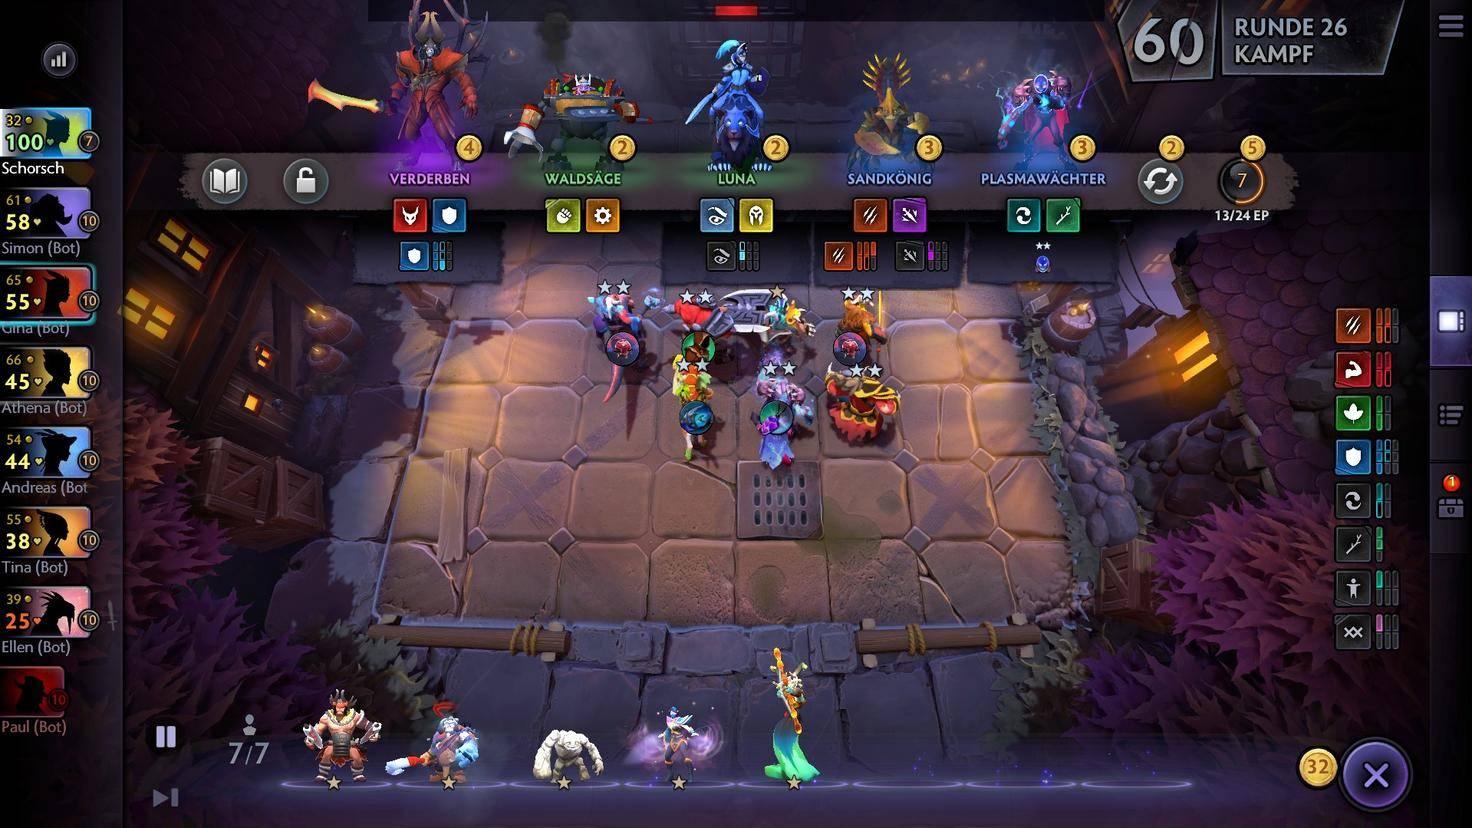 """Das Spielfeld in """"Dota Underlords"""". Oben: Die zufällig gezogenen Helden, aus denen ich auswählen darf. Links: Die acht Spieler der Runde mit ihren Lebenspunkten."""